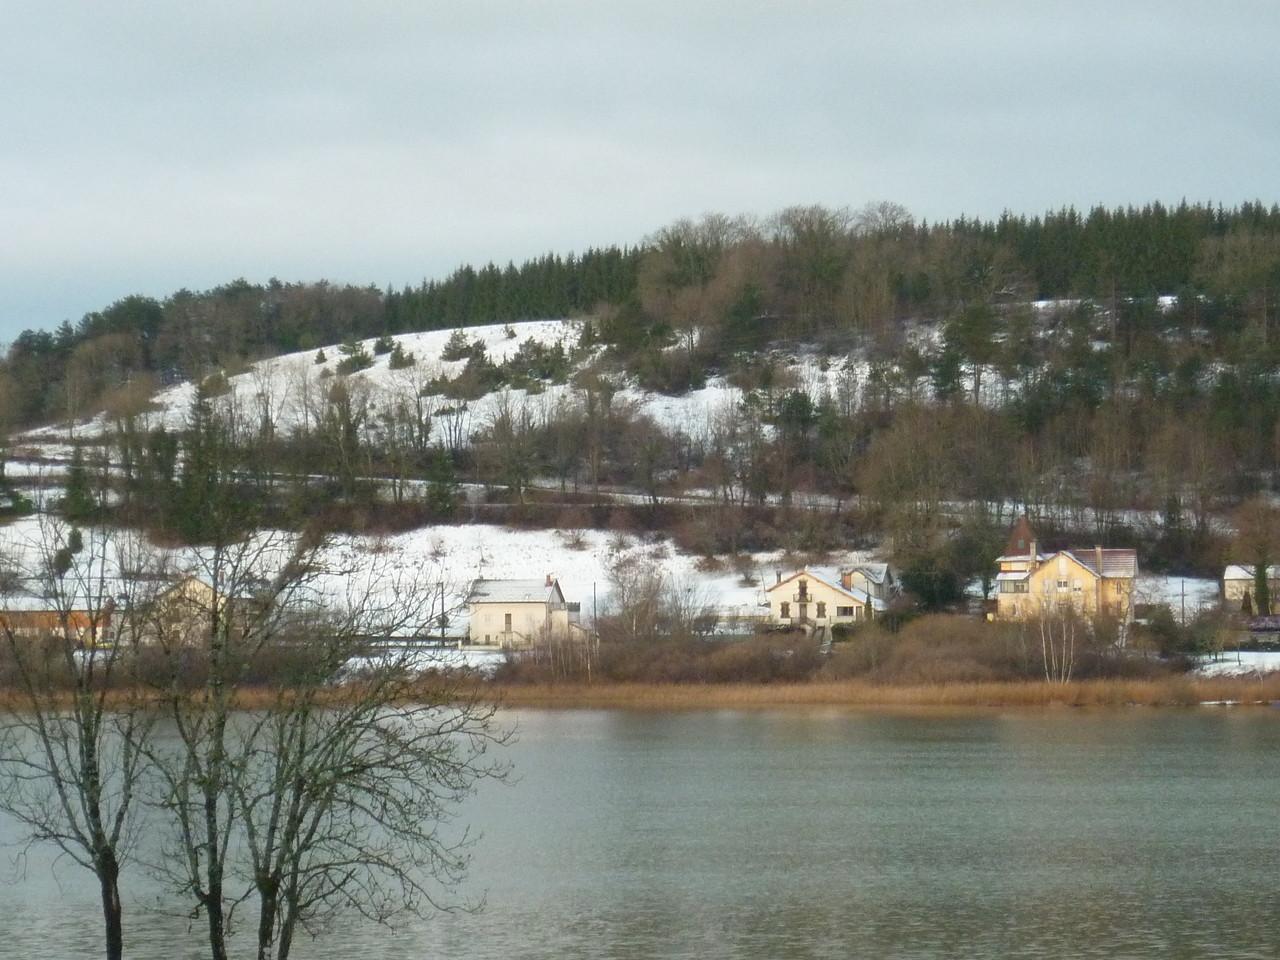 Hotel jura pres d 39 un lac h tel restaurant la chaumi re - Office du tourisme clairvaux les lacs ...